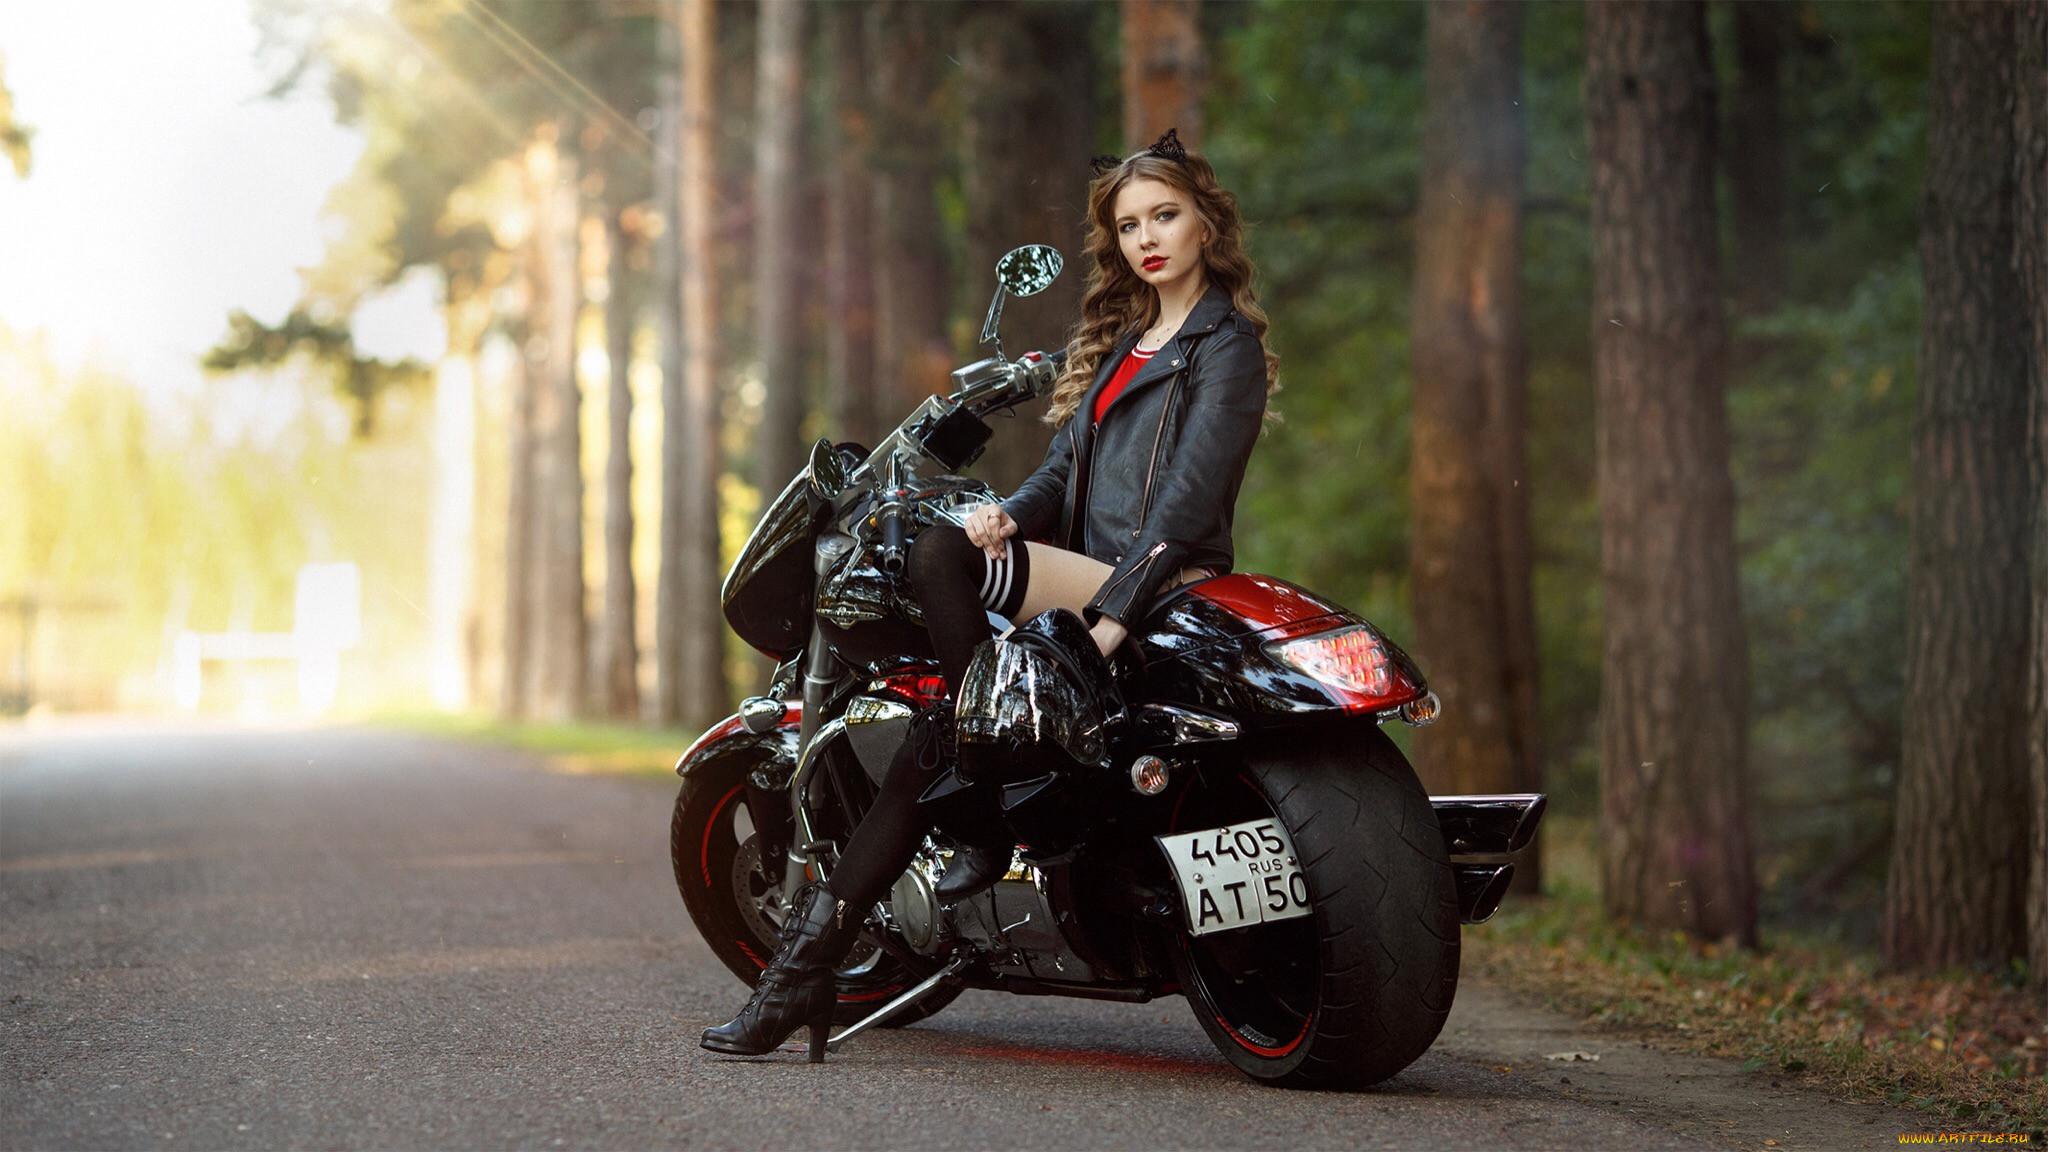 Картинки для рабочего стола девушек с мотоциклами